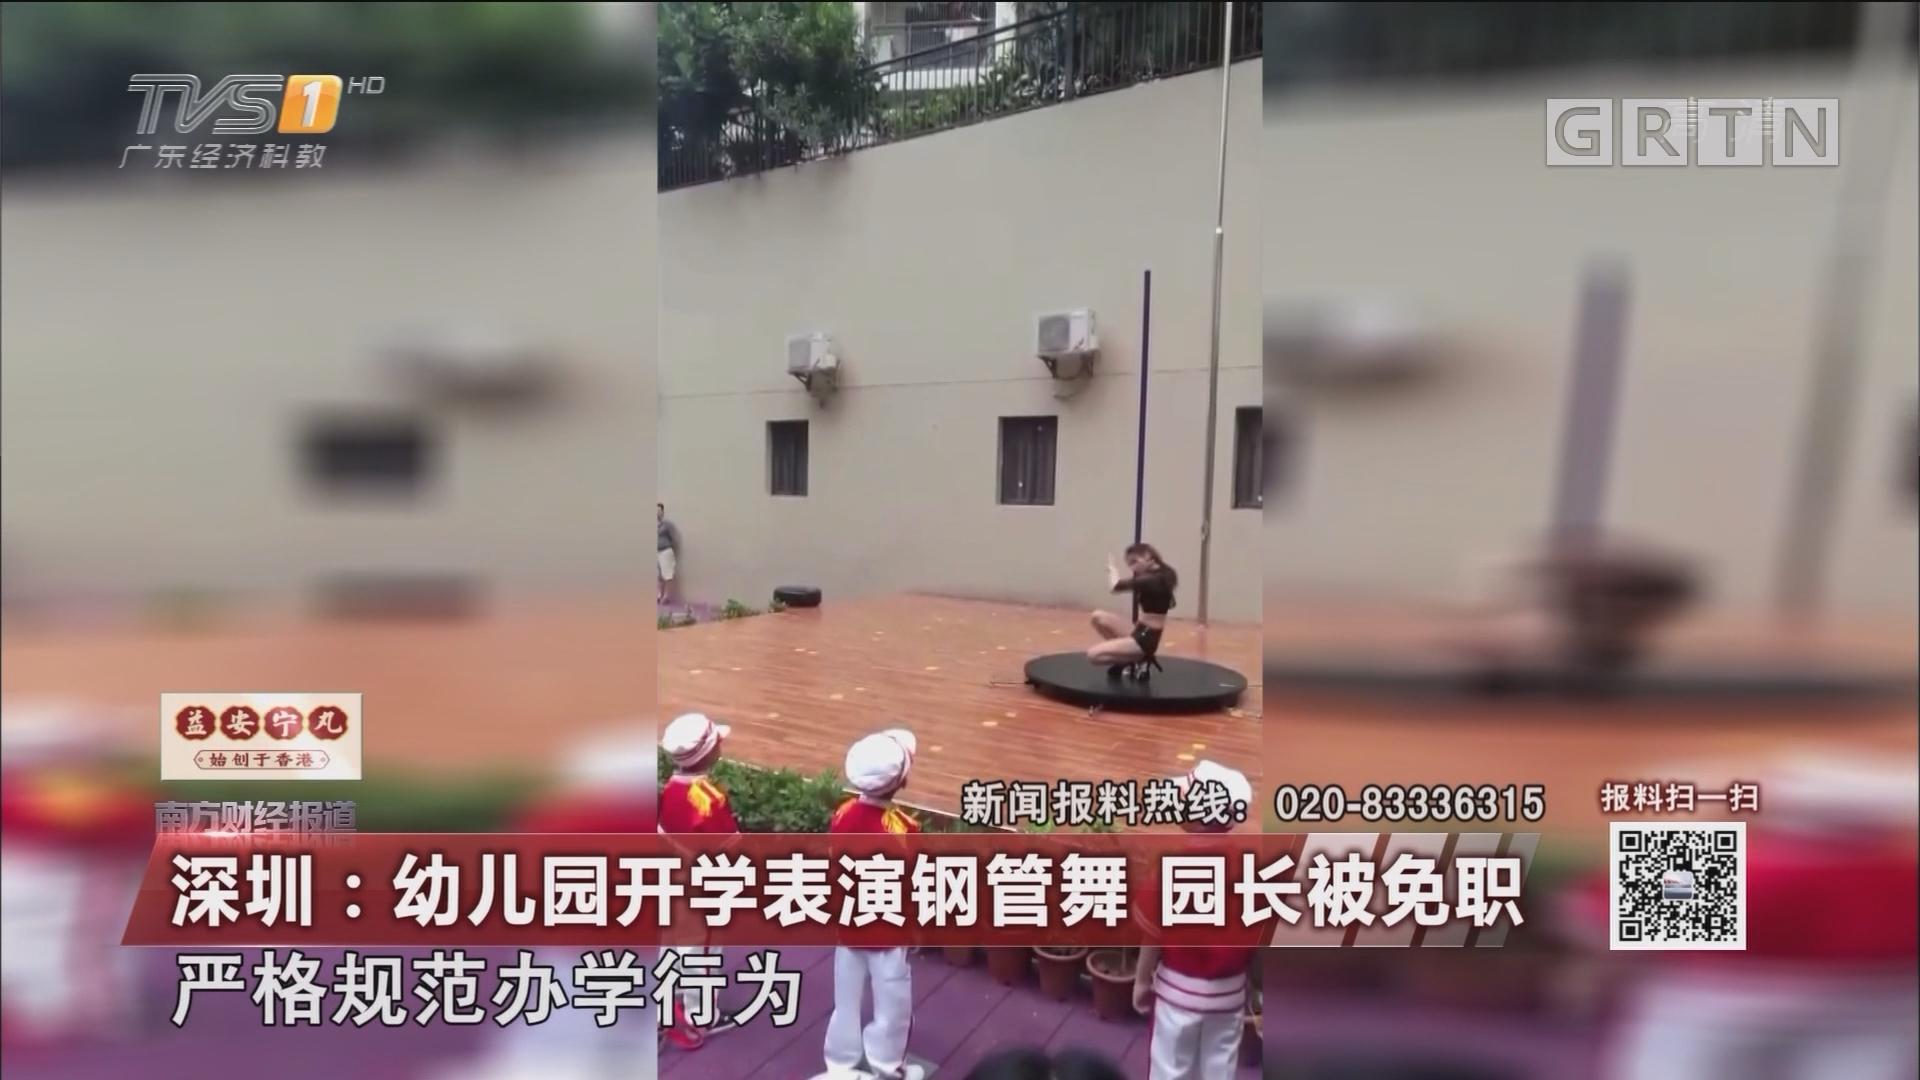 深圳:幼儿园开学表演钢管舞 园长被免职